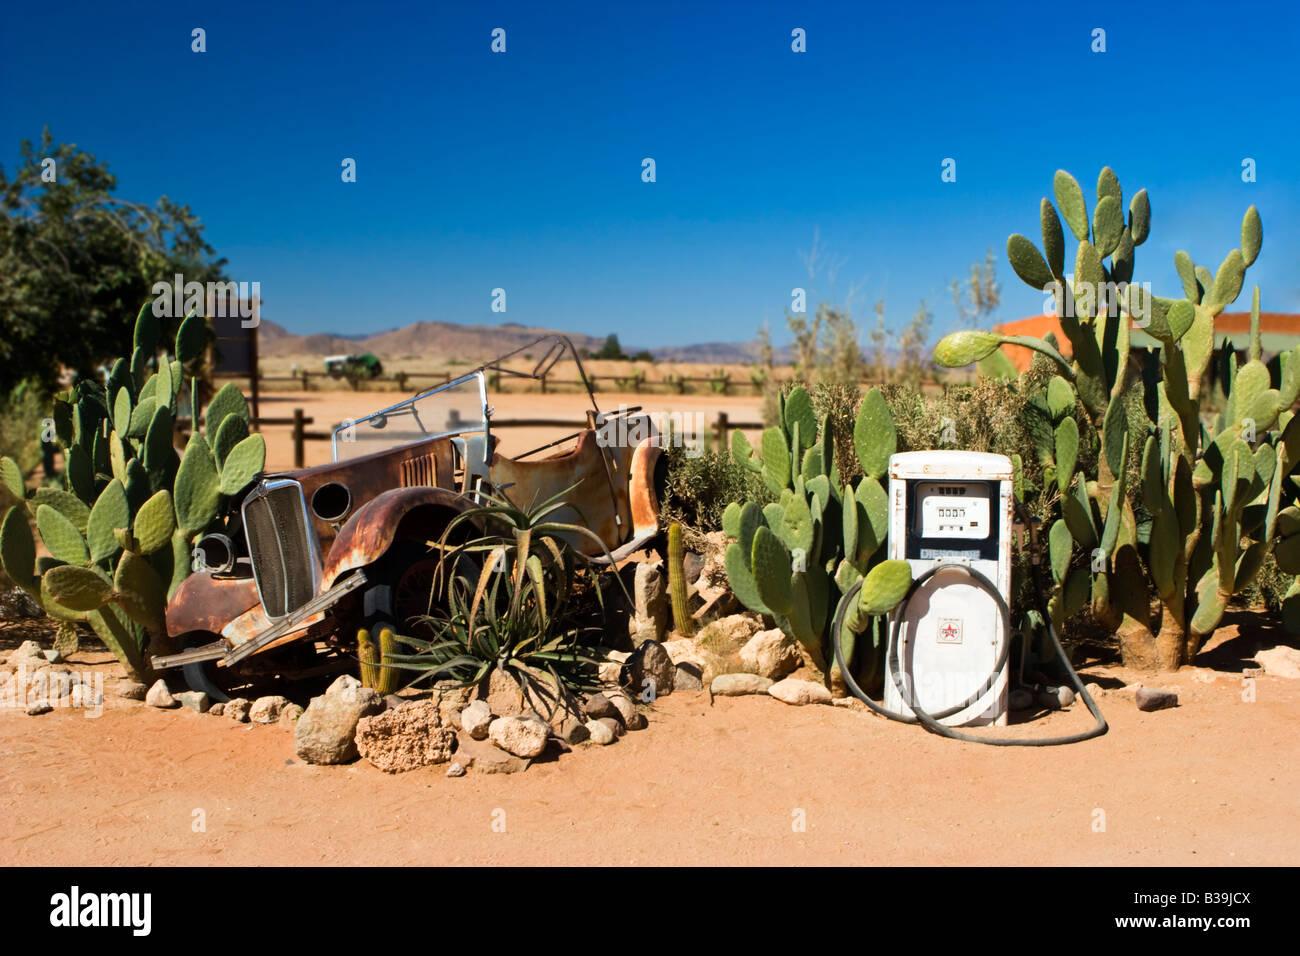 Une voiture rouillée at Solitaire Station d'essence, la Namibie Photo Stock